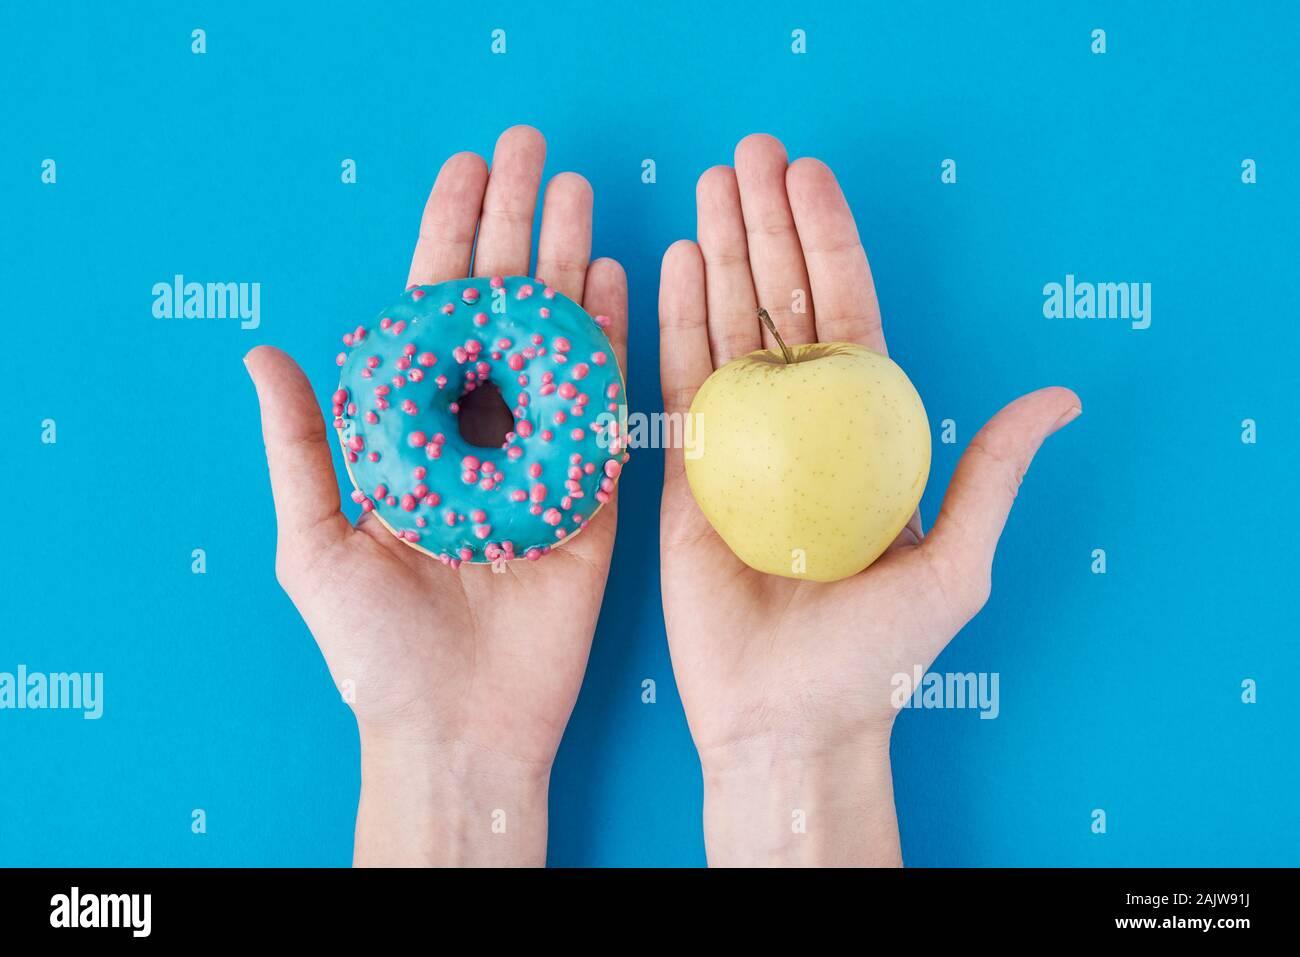 Le choix de la femme entre Apple et donut dans ses mains. Concept d'aliments sains Banque D'Images